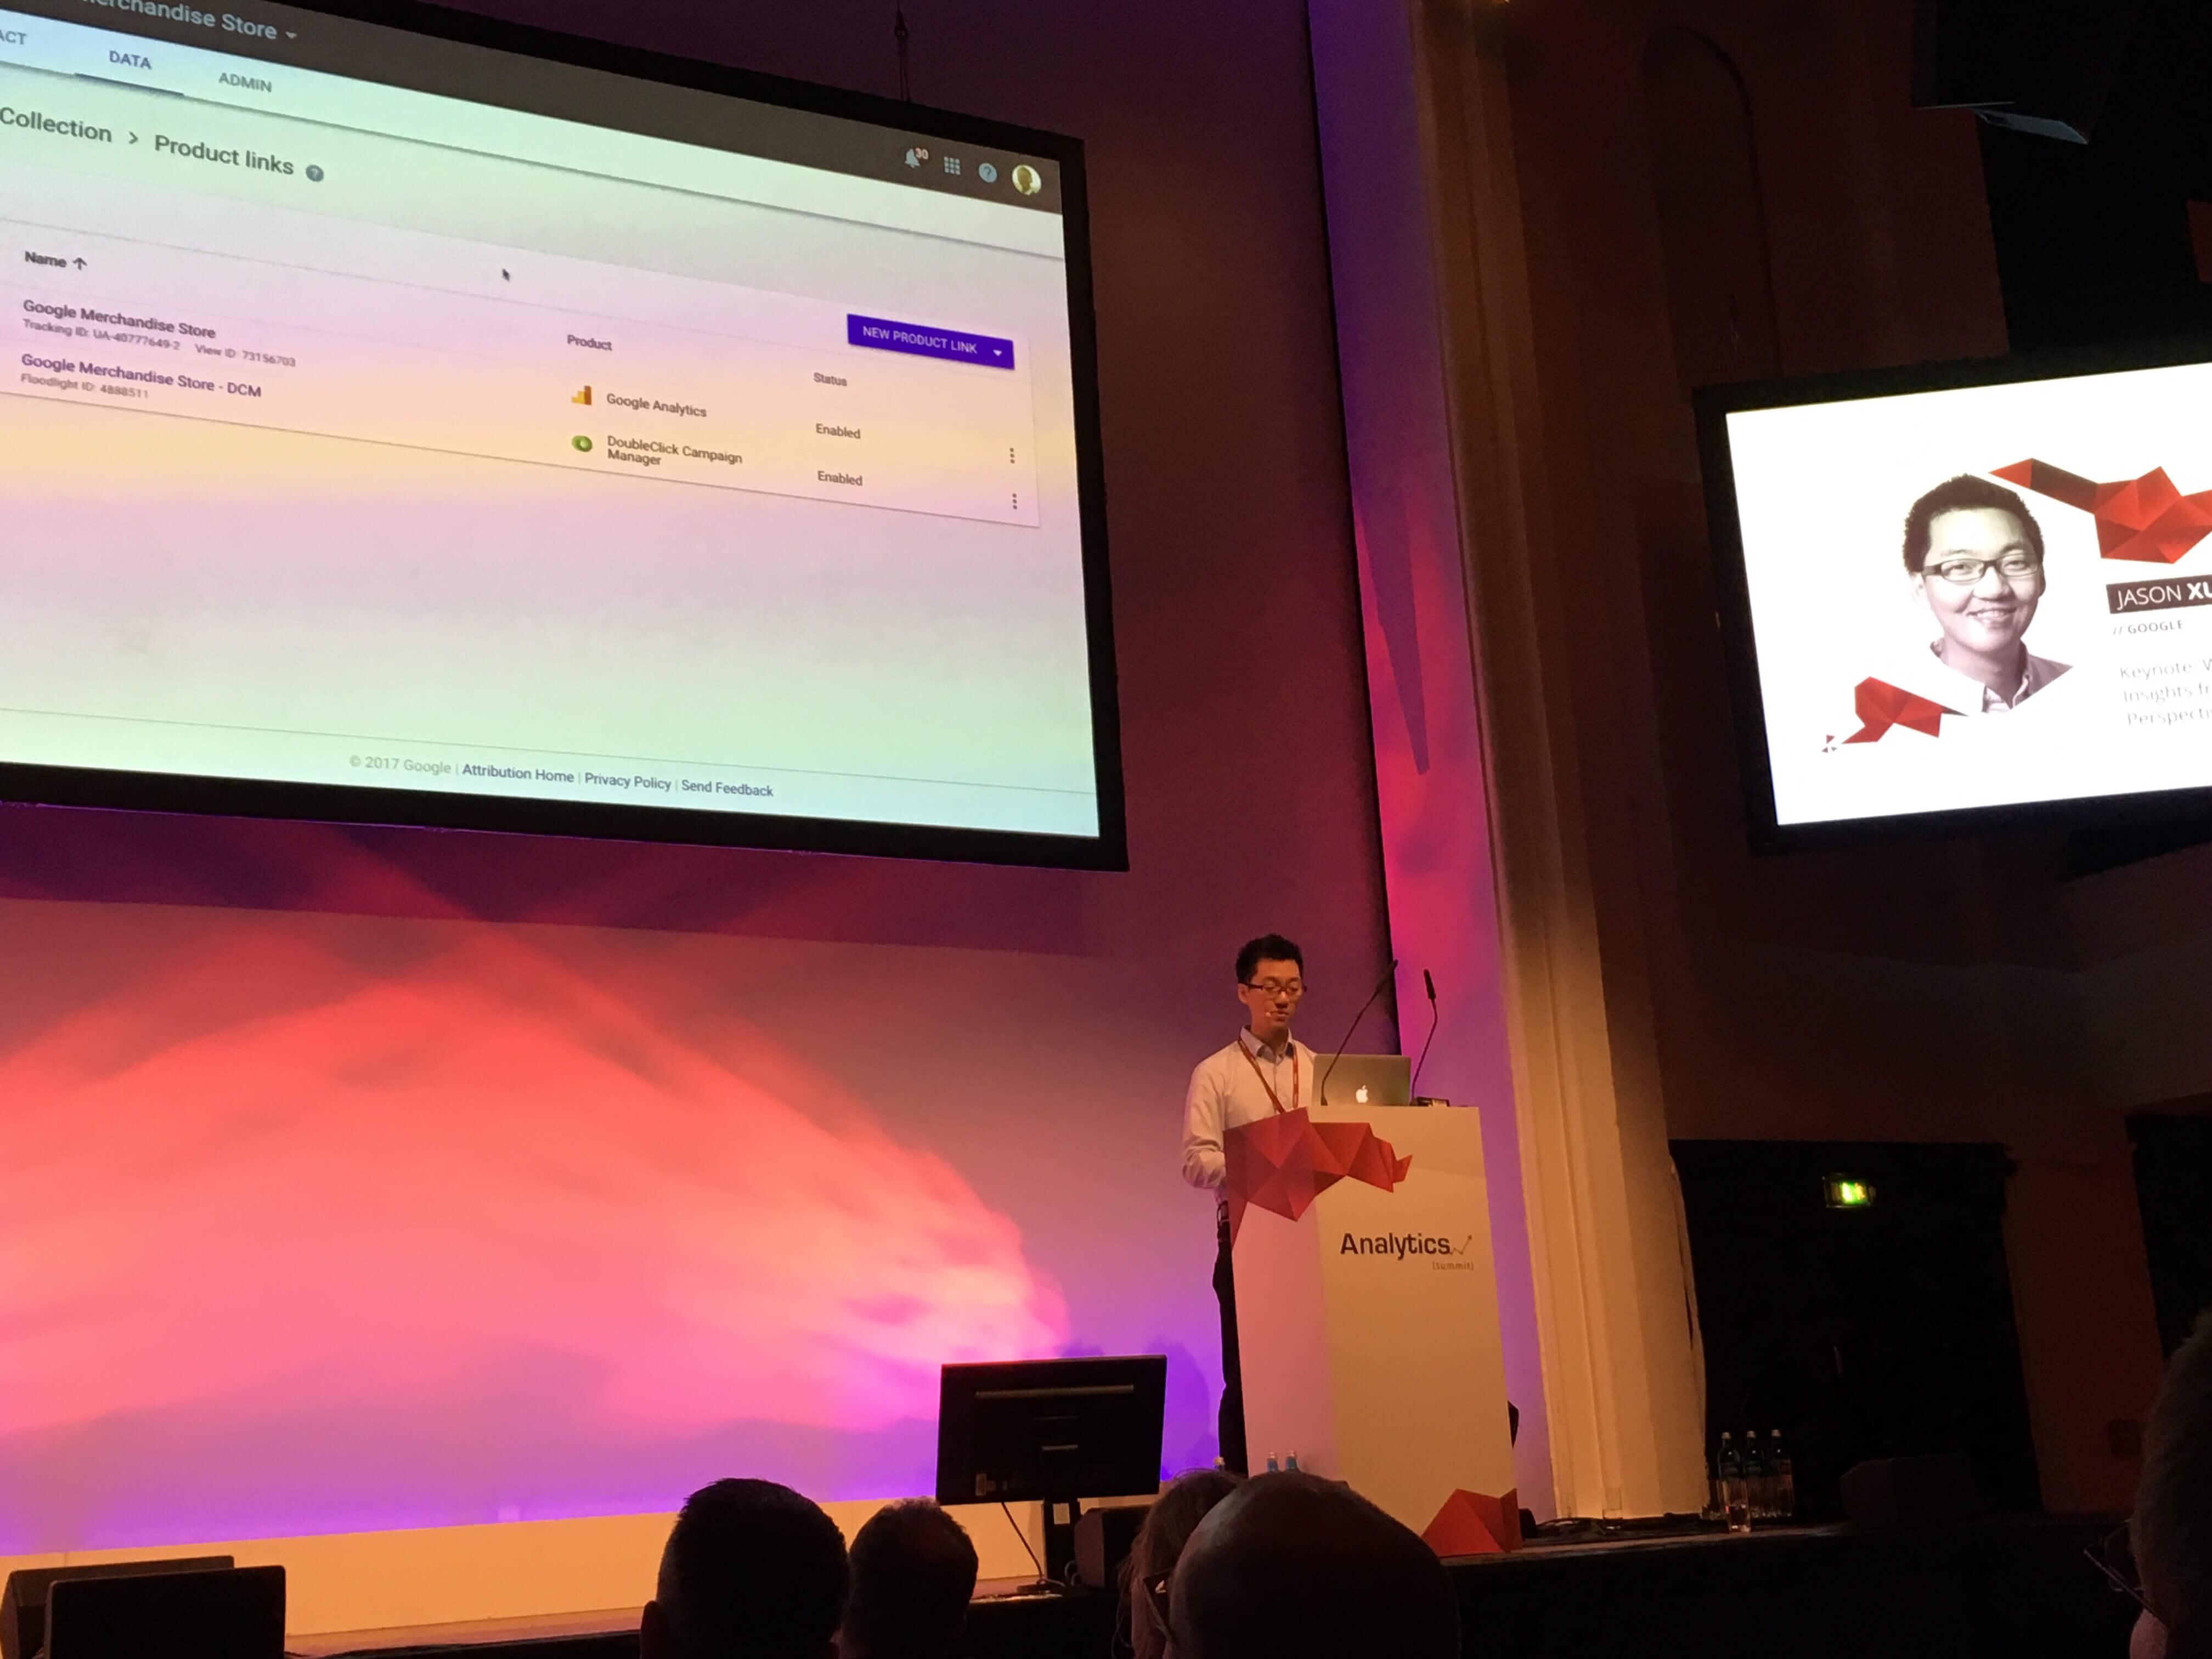 keynote2 Trakken Google Analytics Summit Attributionsmodellierung Attribution